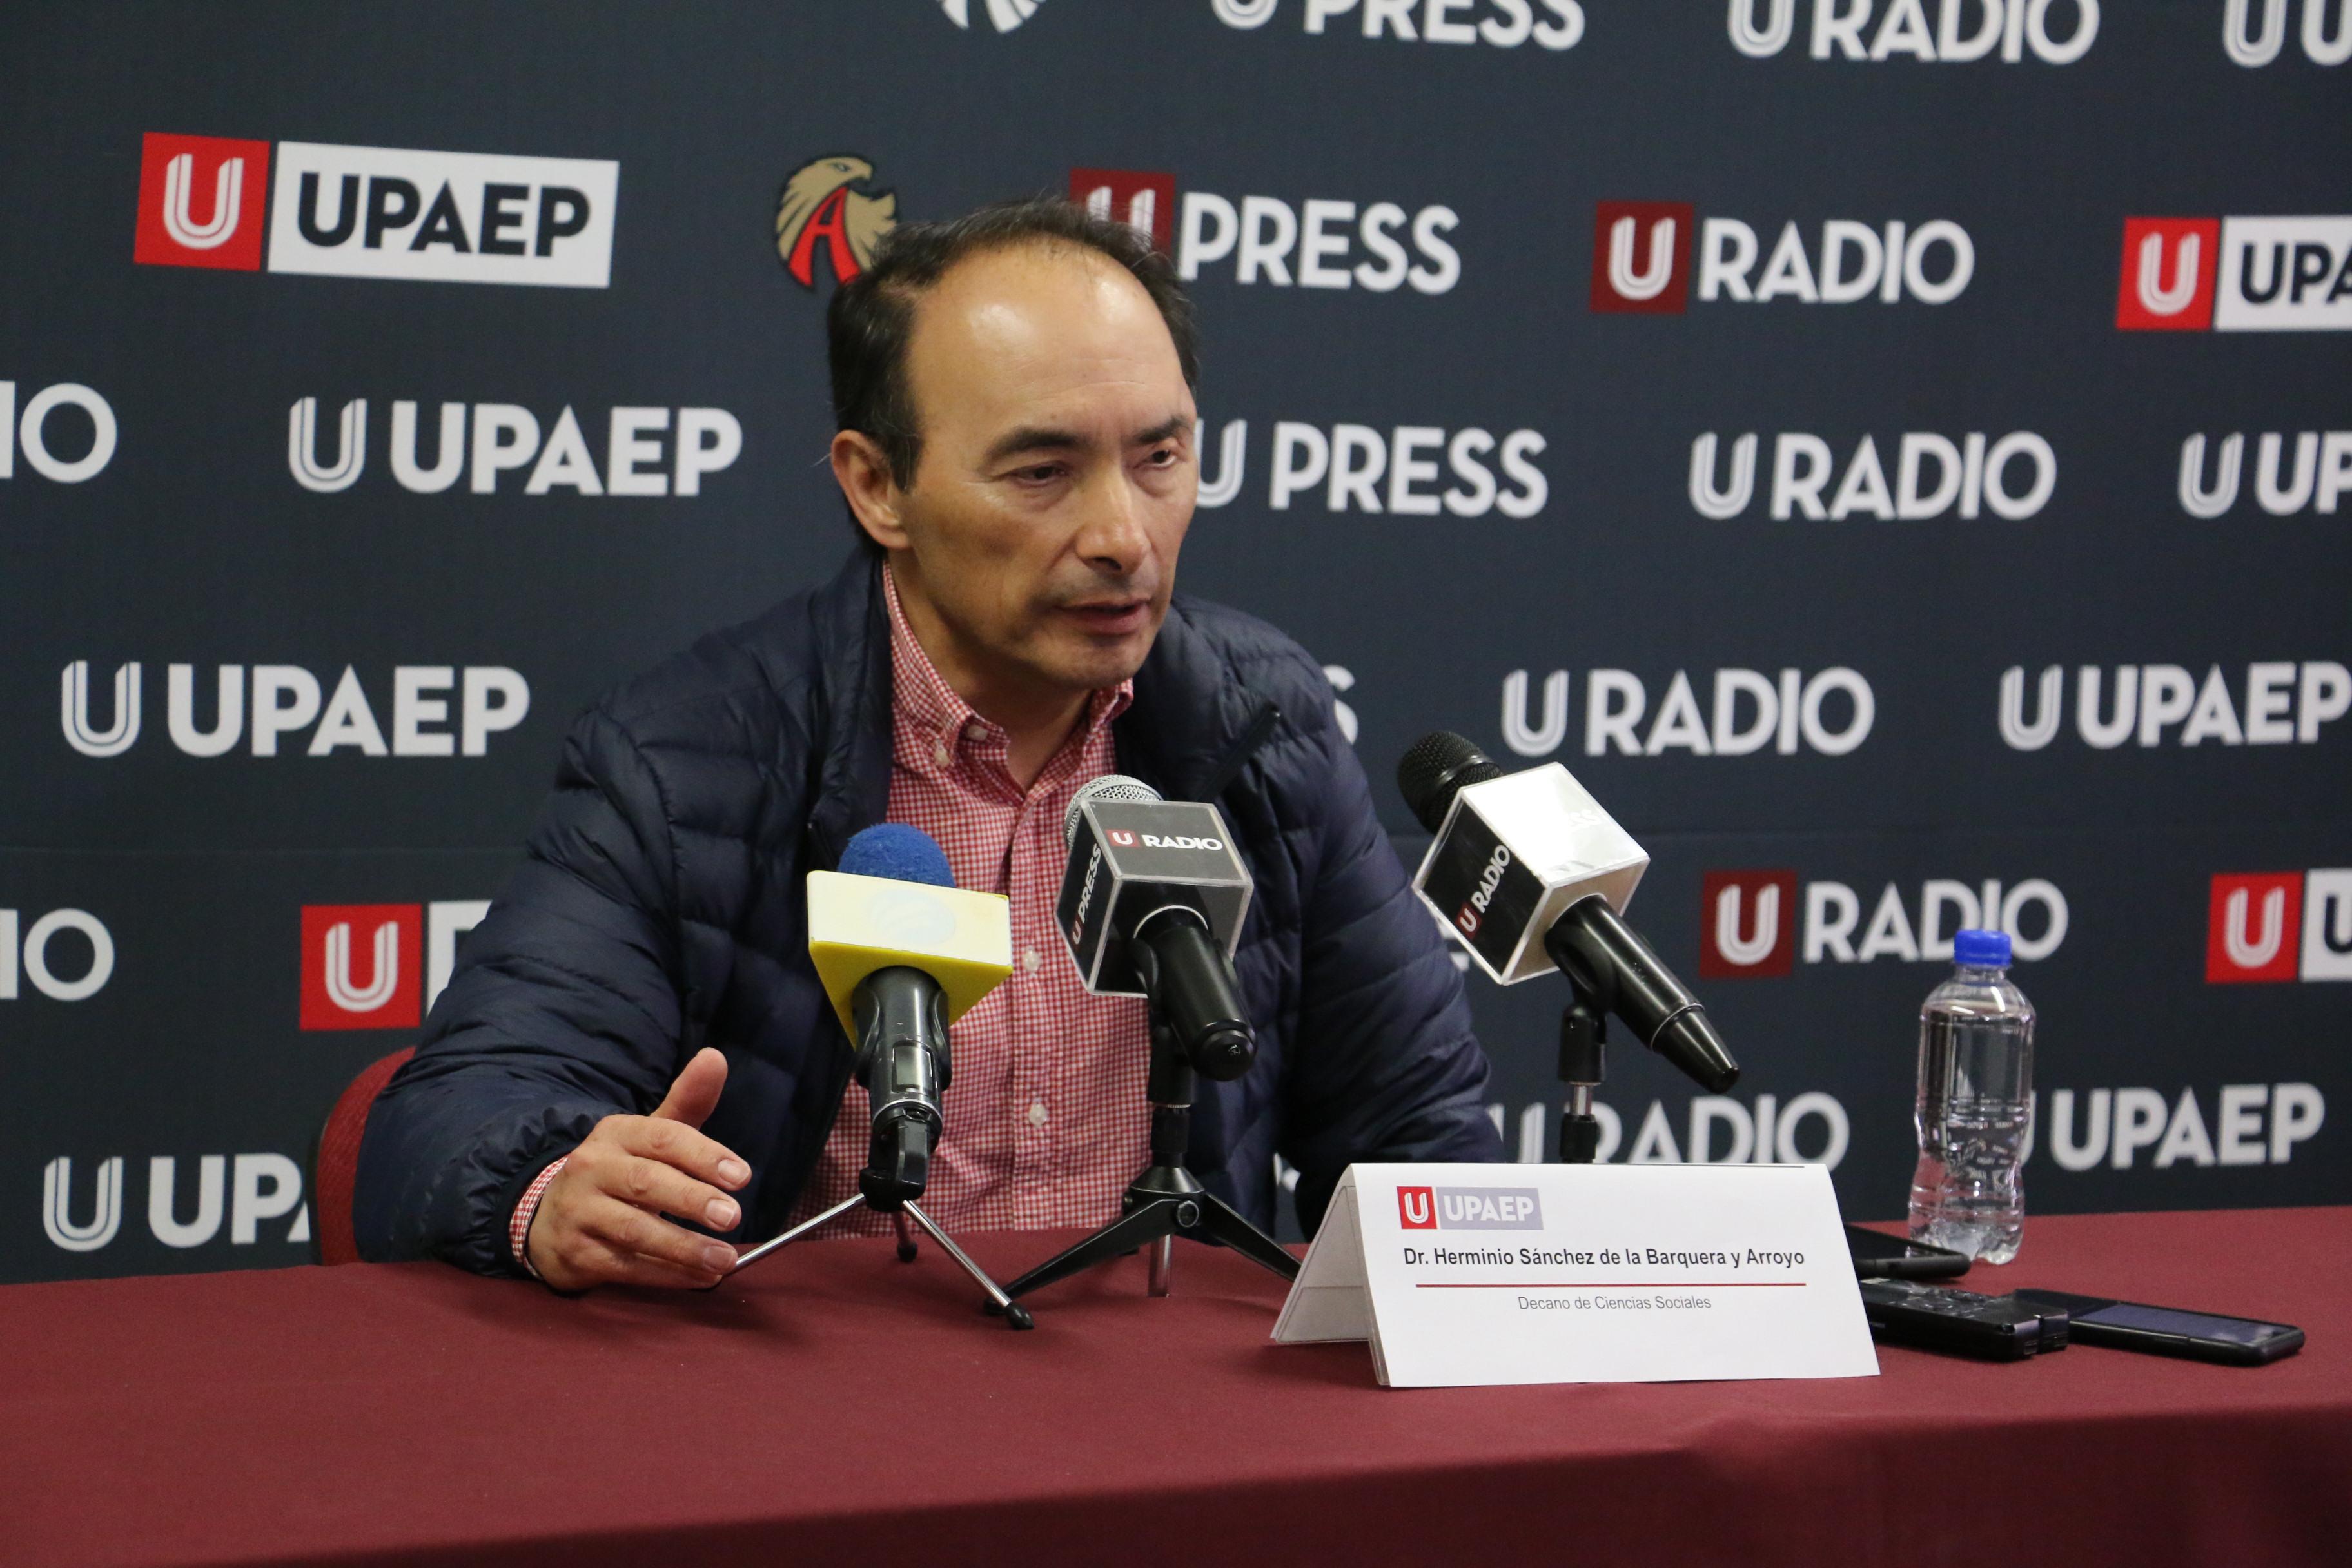 El Estado claudicó ante el crimen en Culiacán: UPAEP